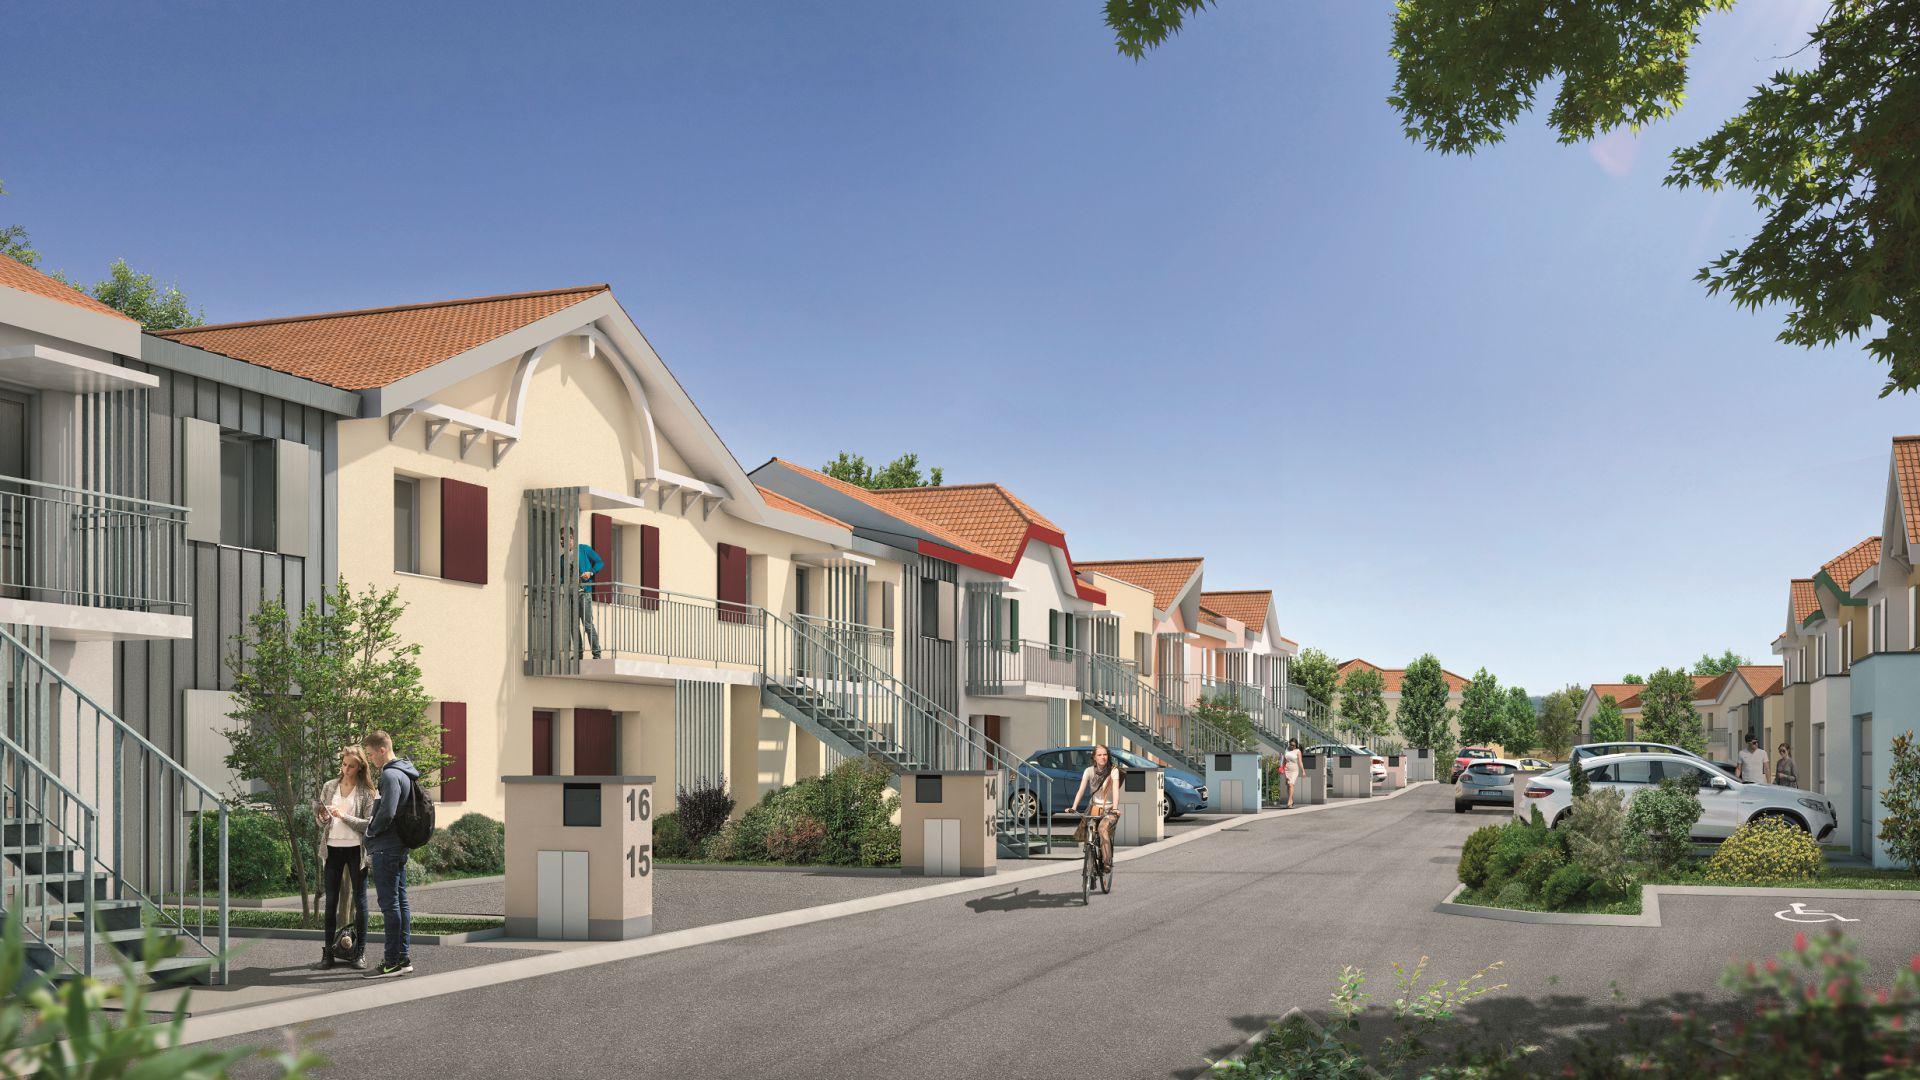 GreenCity immobilier - La Rochelle - Chatelaillon plage - Le Clos D Antoine - appartements et villas du T2 au T5